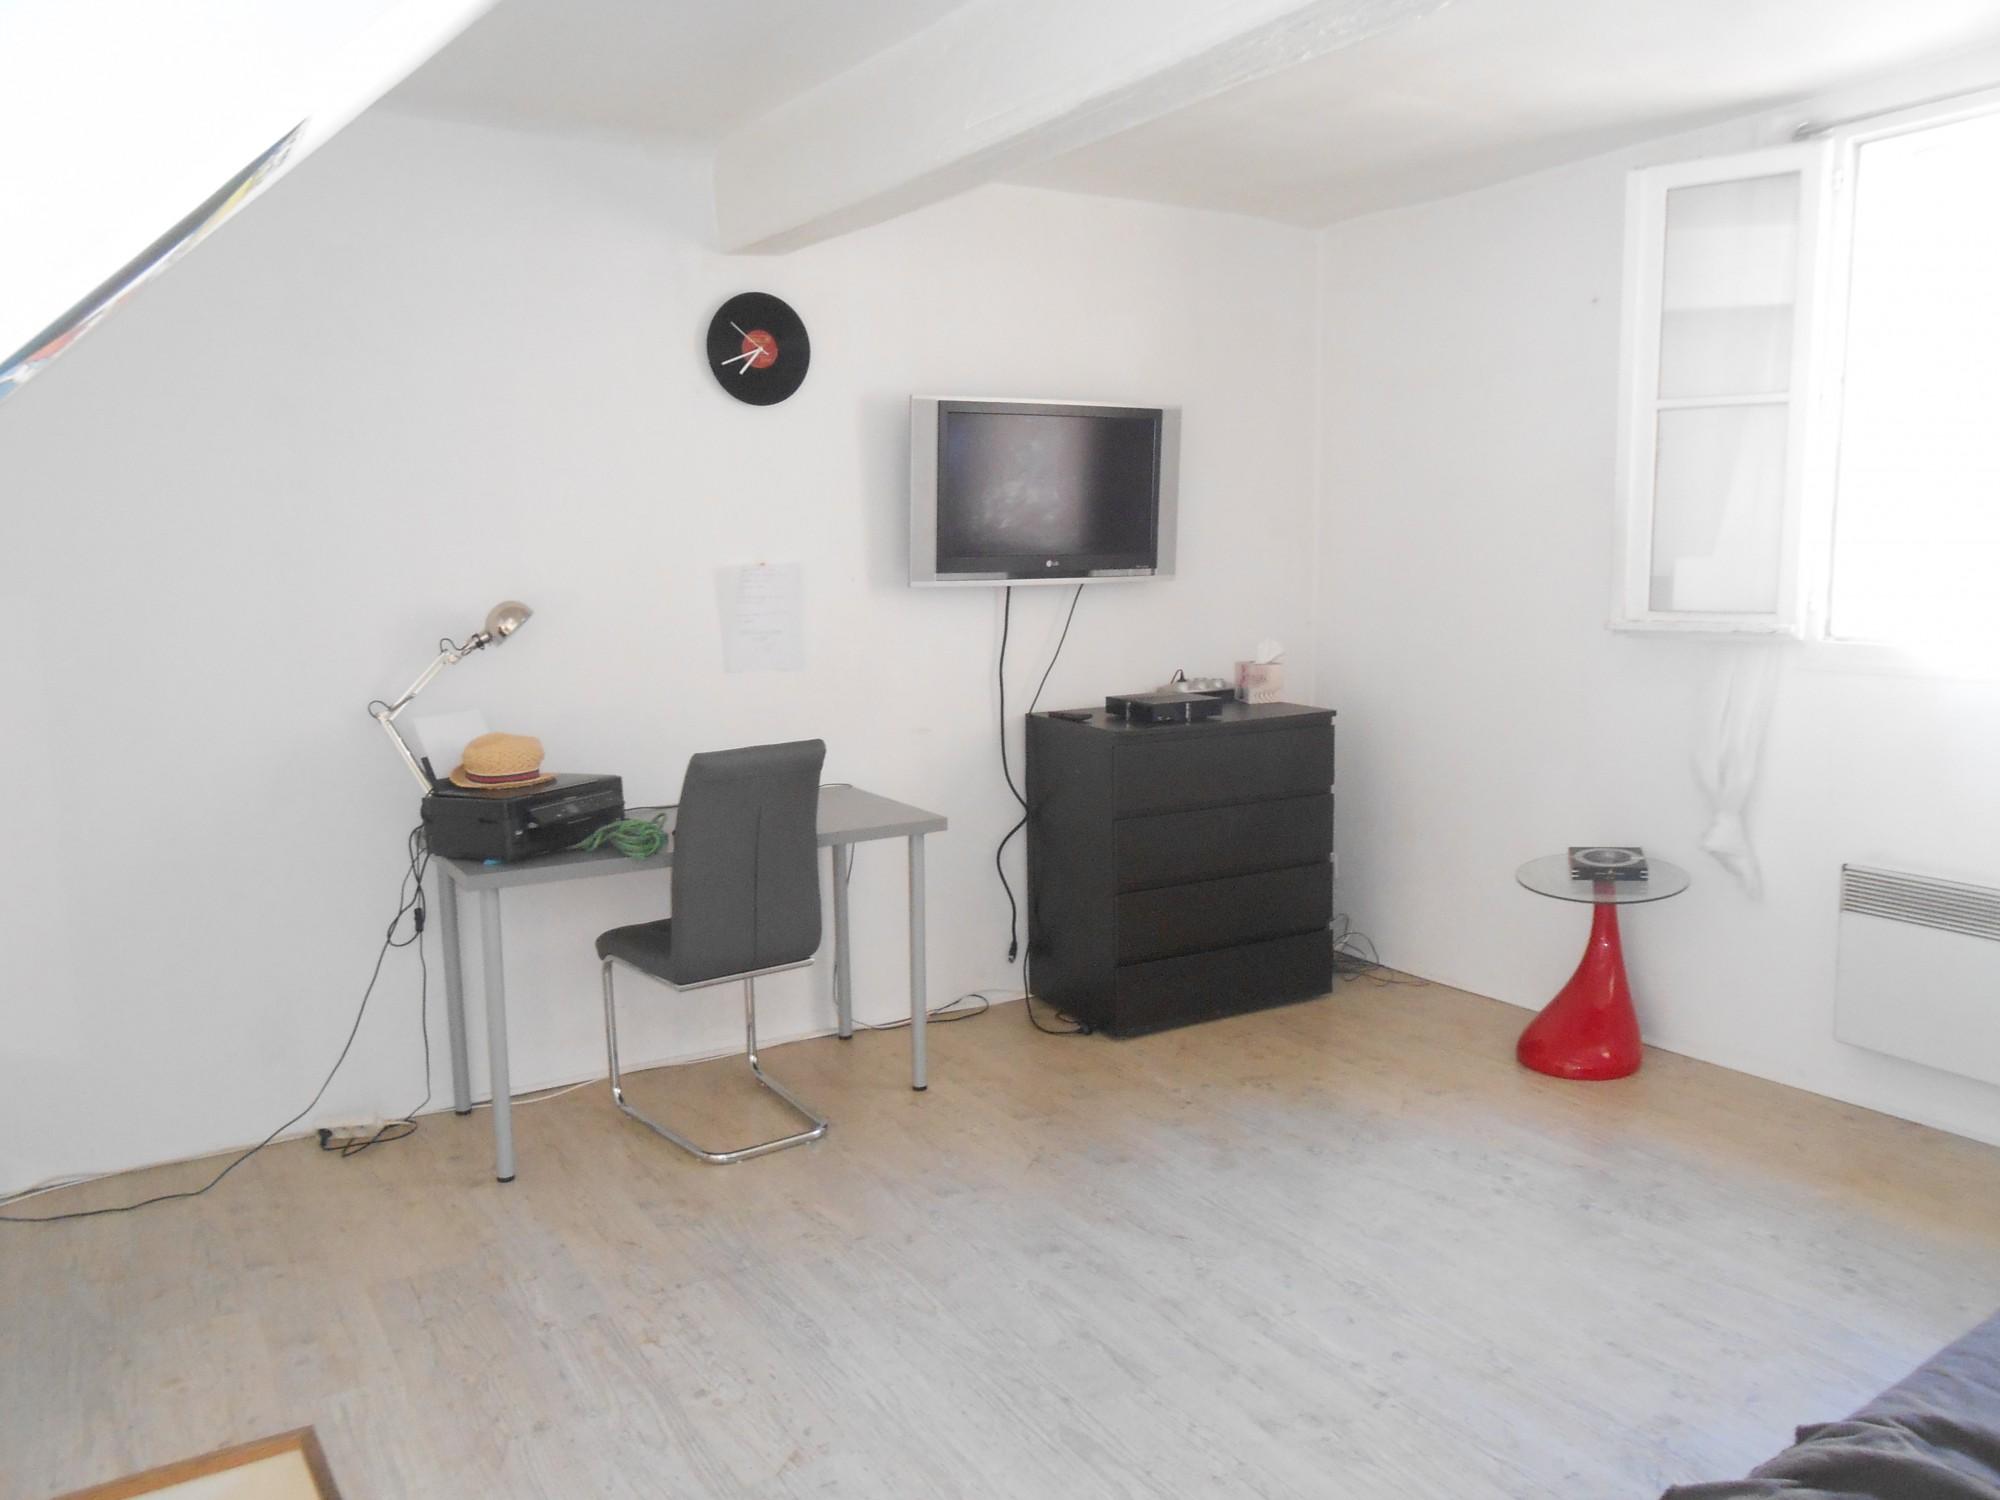 Location appartement Aix en Provence : une ville très appréciée